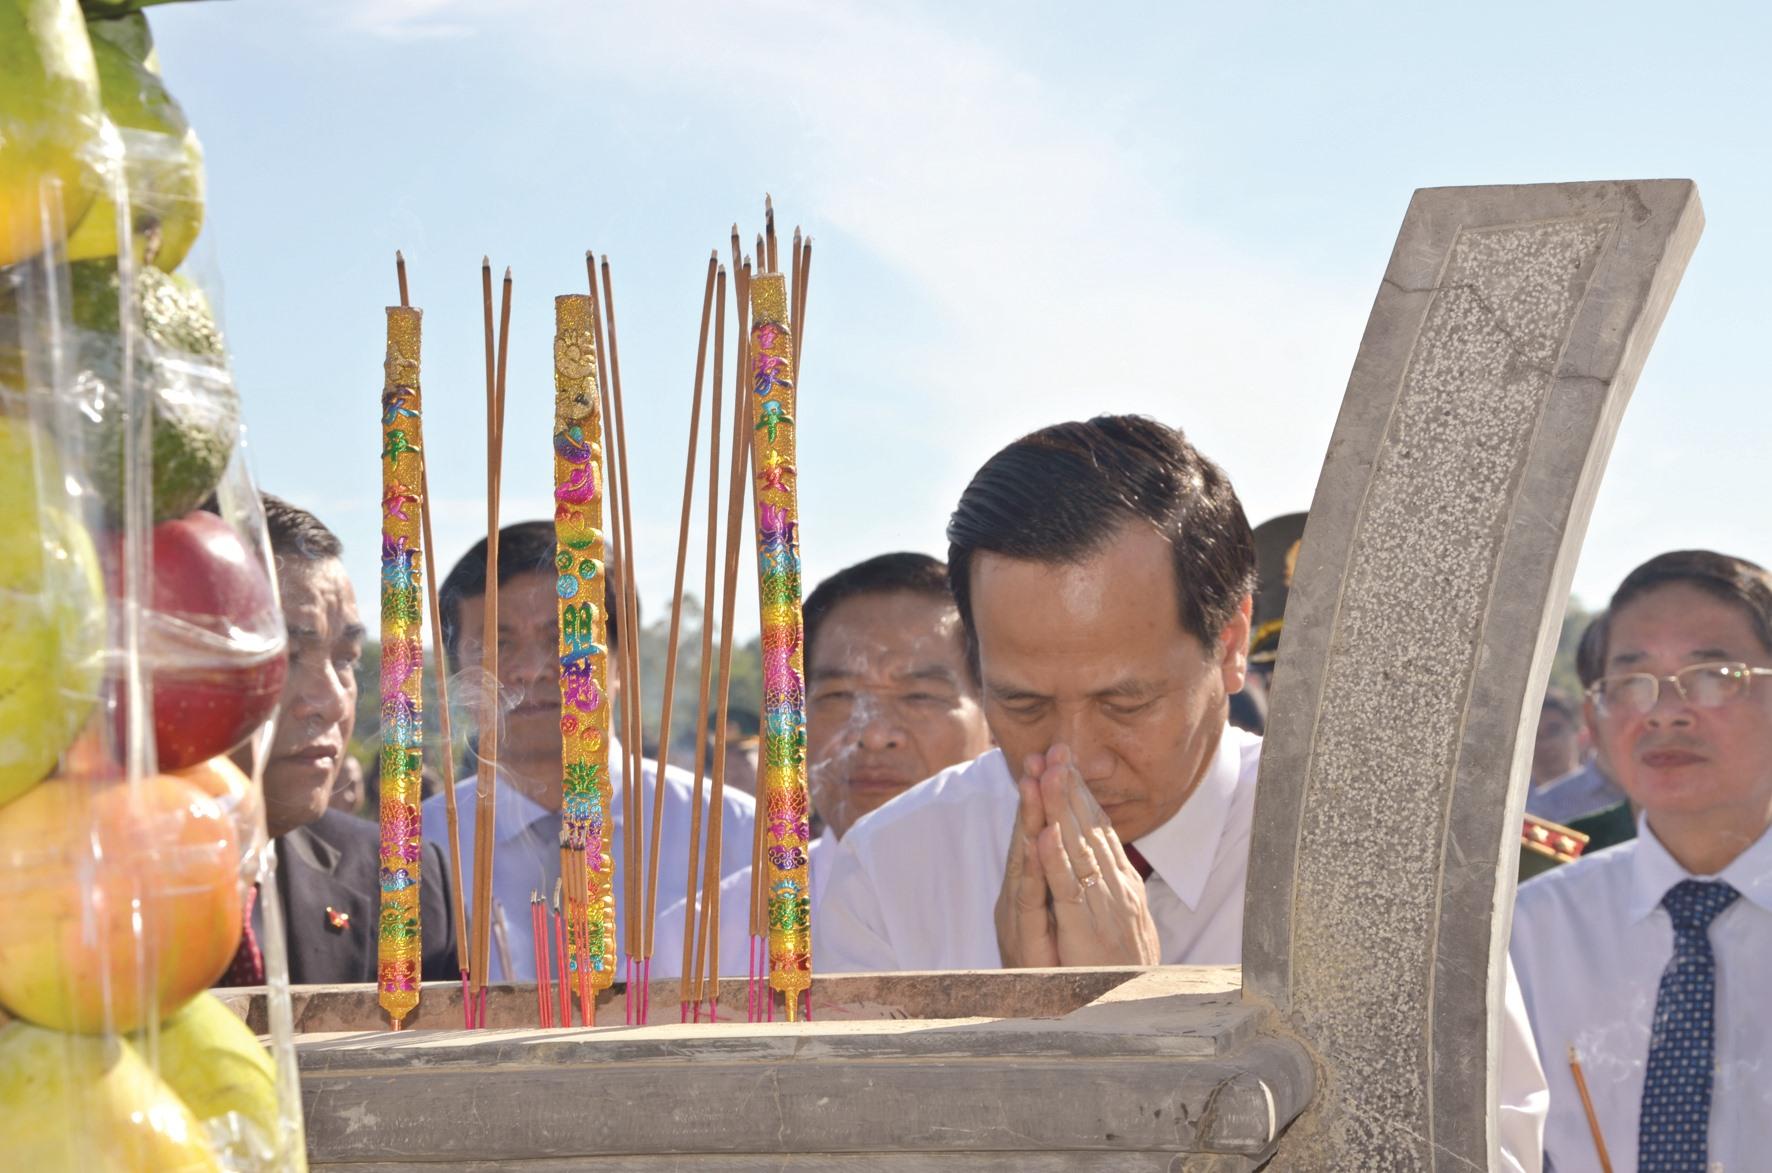 Lãnh đạo Đảng, Nhà nước viếng hương tại Tượng đài Mẹ VNAH. Ảnh: HỮU PHÚC